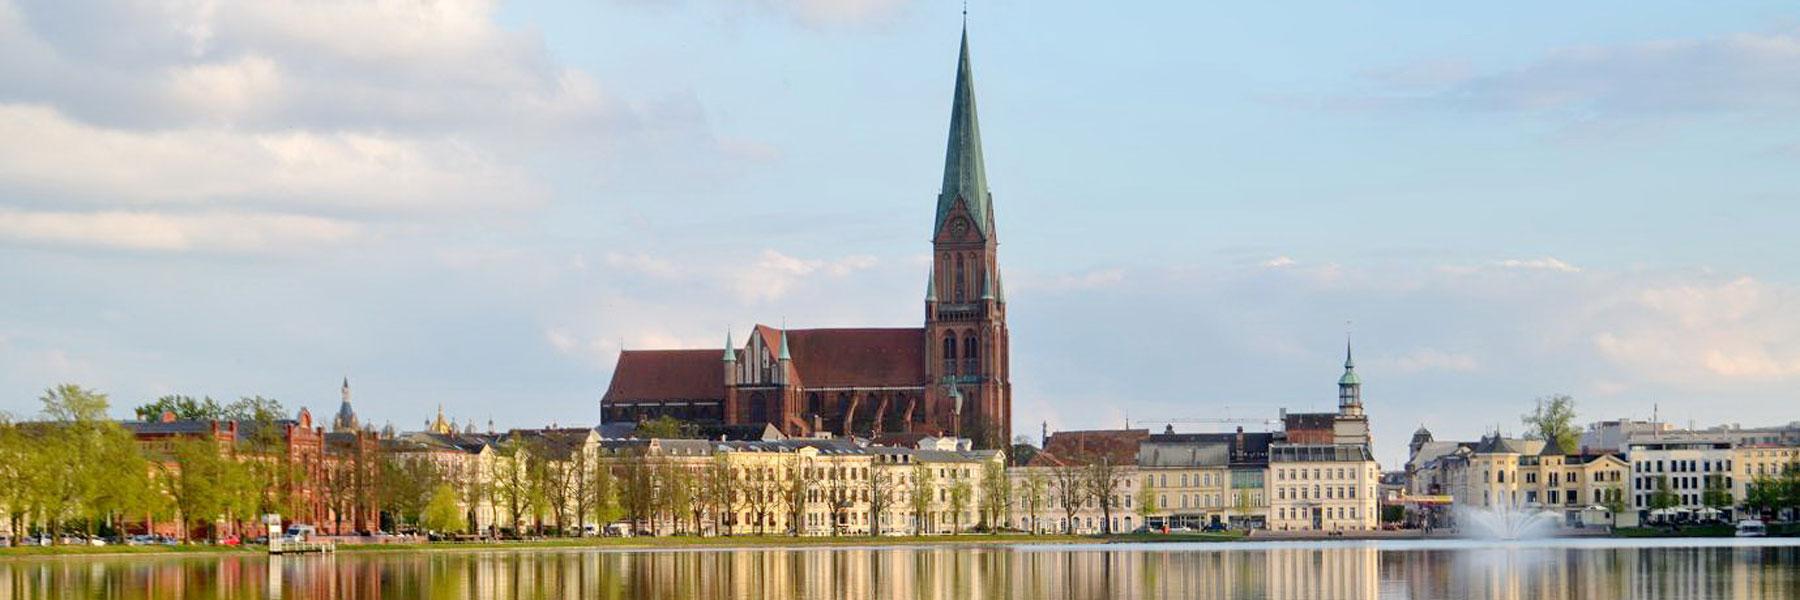 """Innenstadt-Schwerin-Pfaffenteich - Hotel """"Nordlicht"""""""